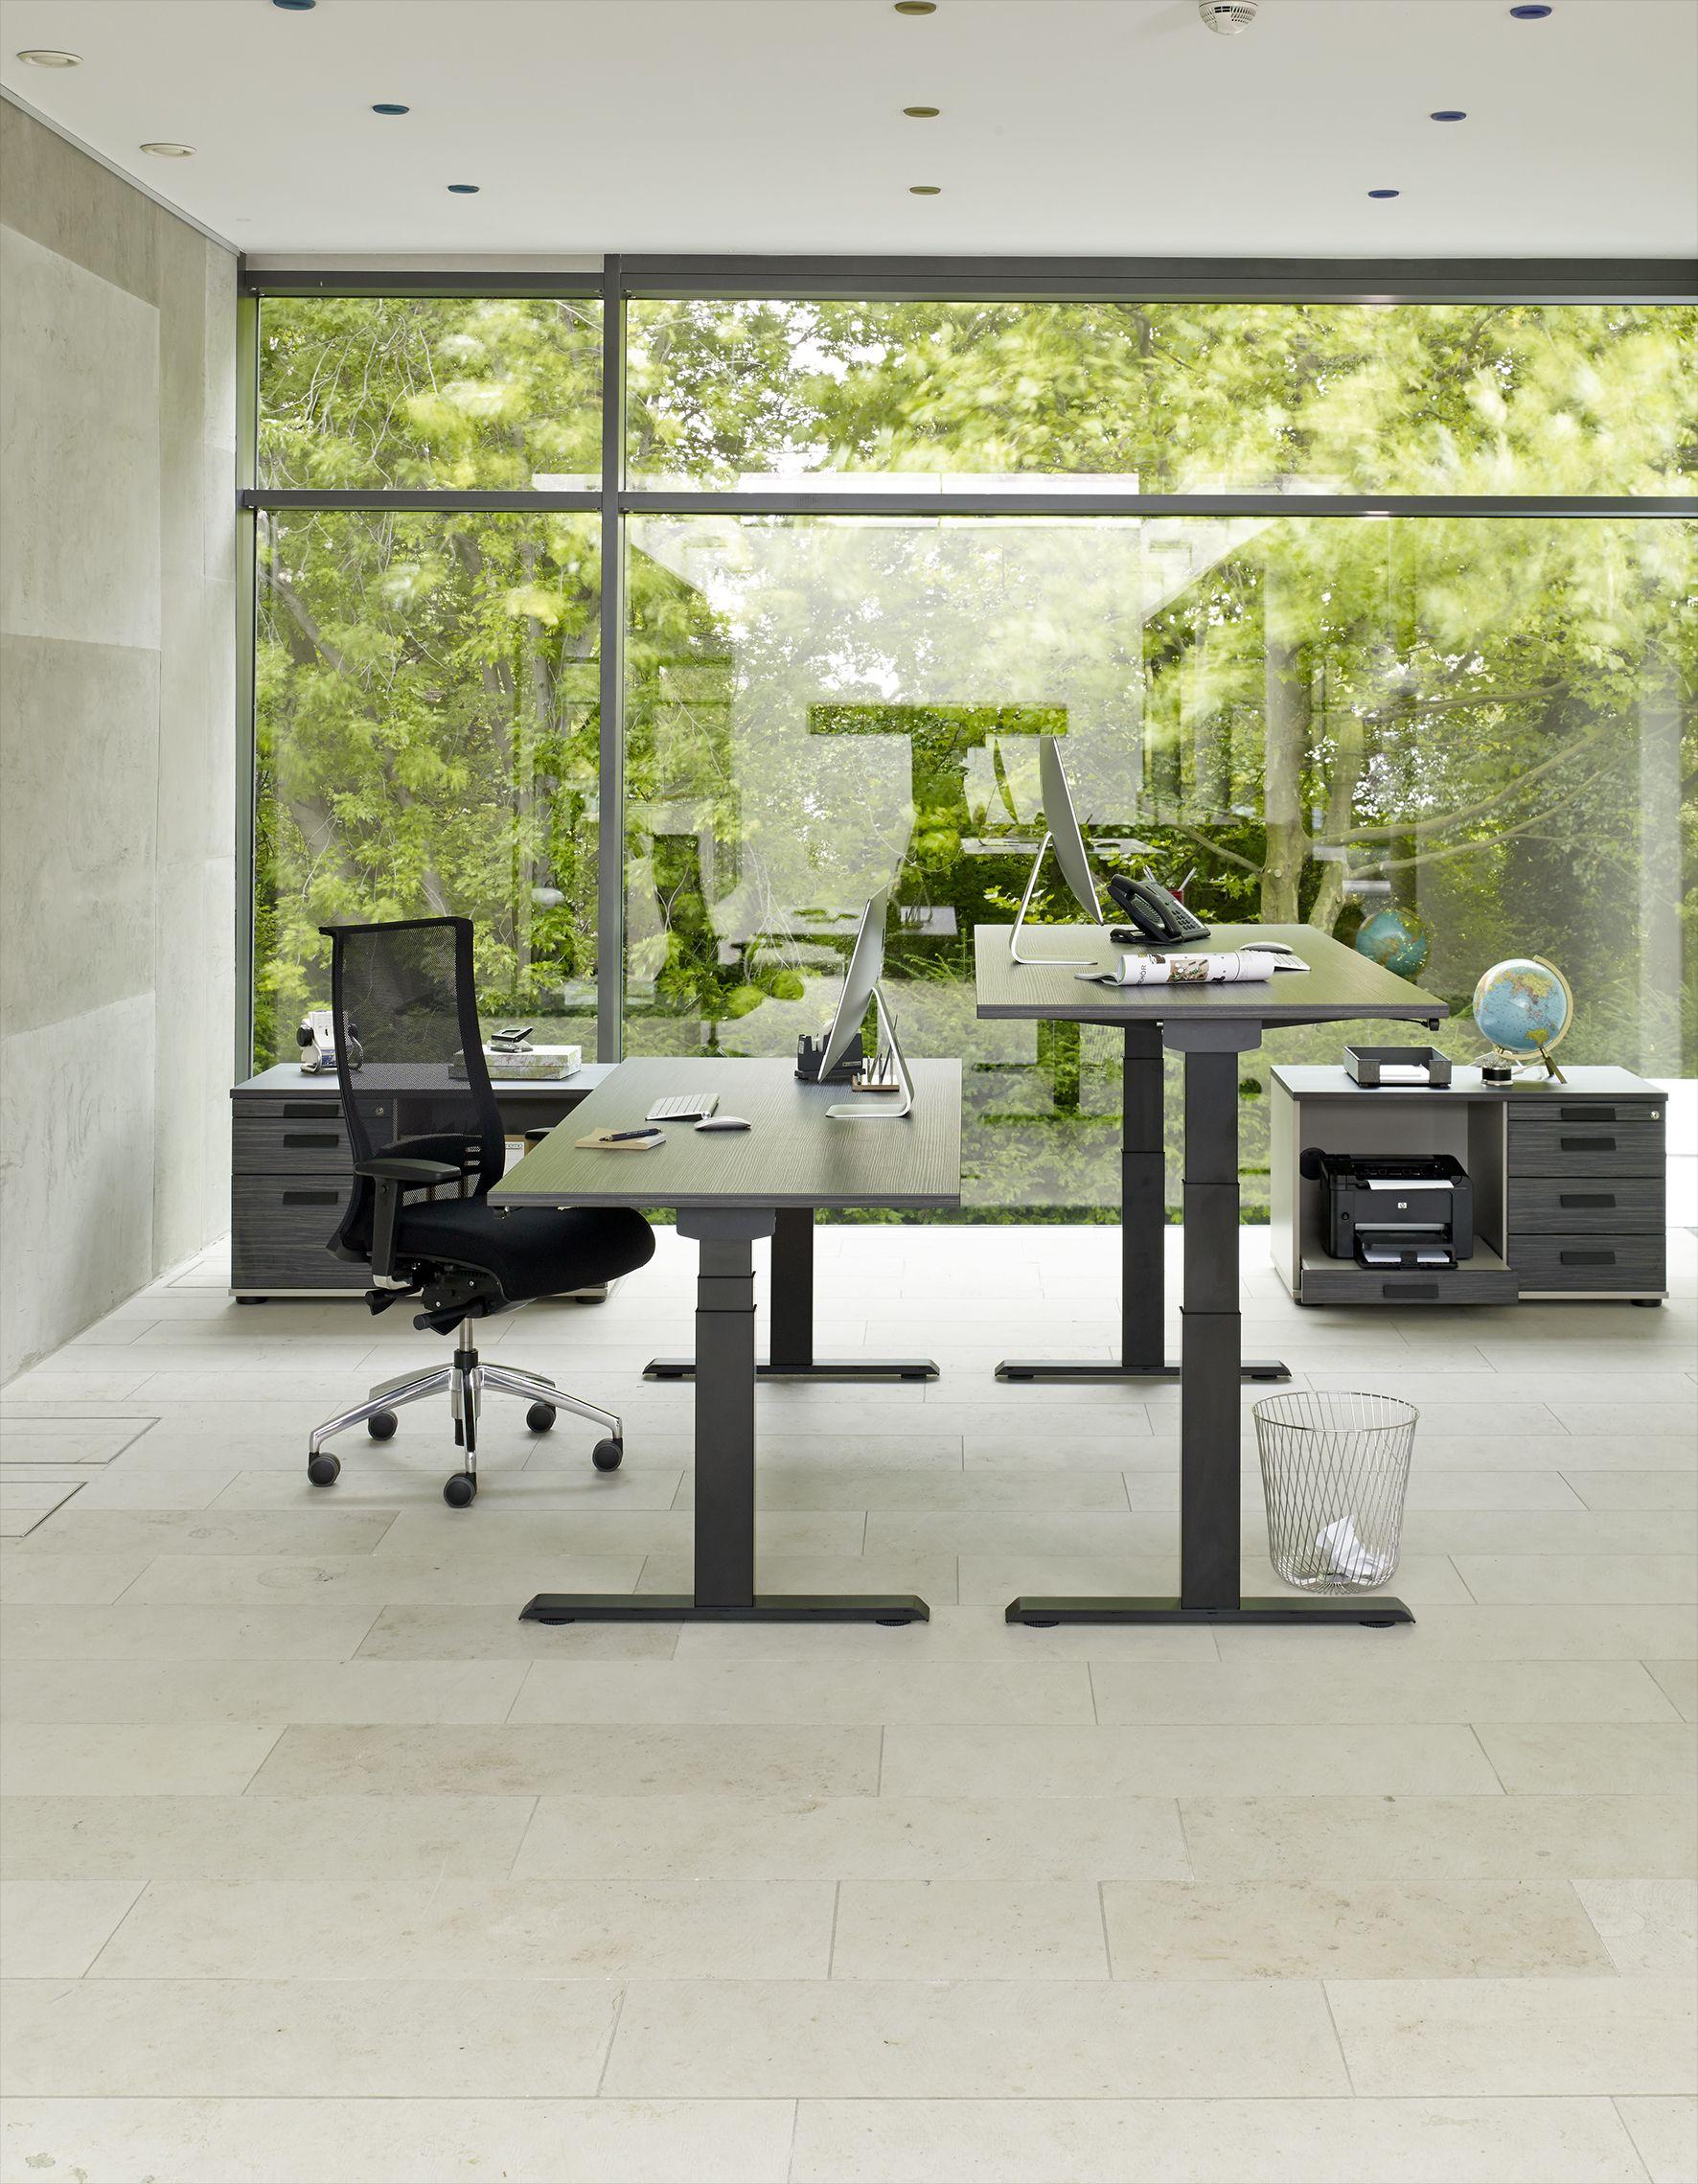 elektromotorisch h henverstellbarer schreibtisch active von febr ergonomisch arbeiten im. Black Bedroom Furniture Sets. Home Design Ideas